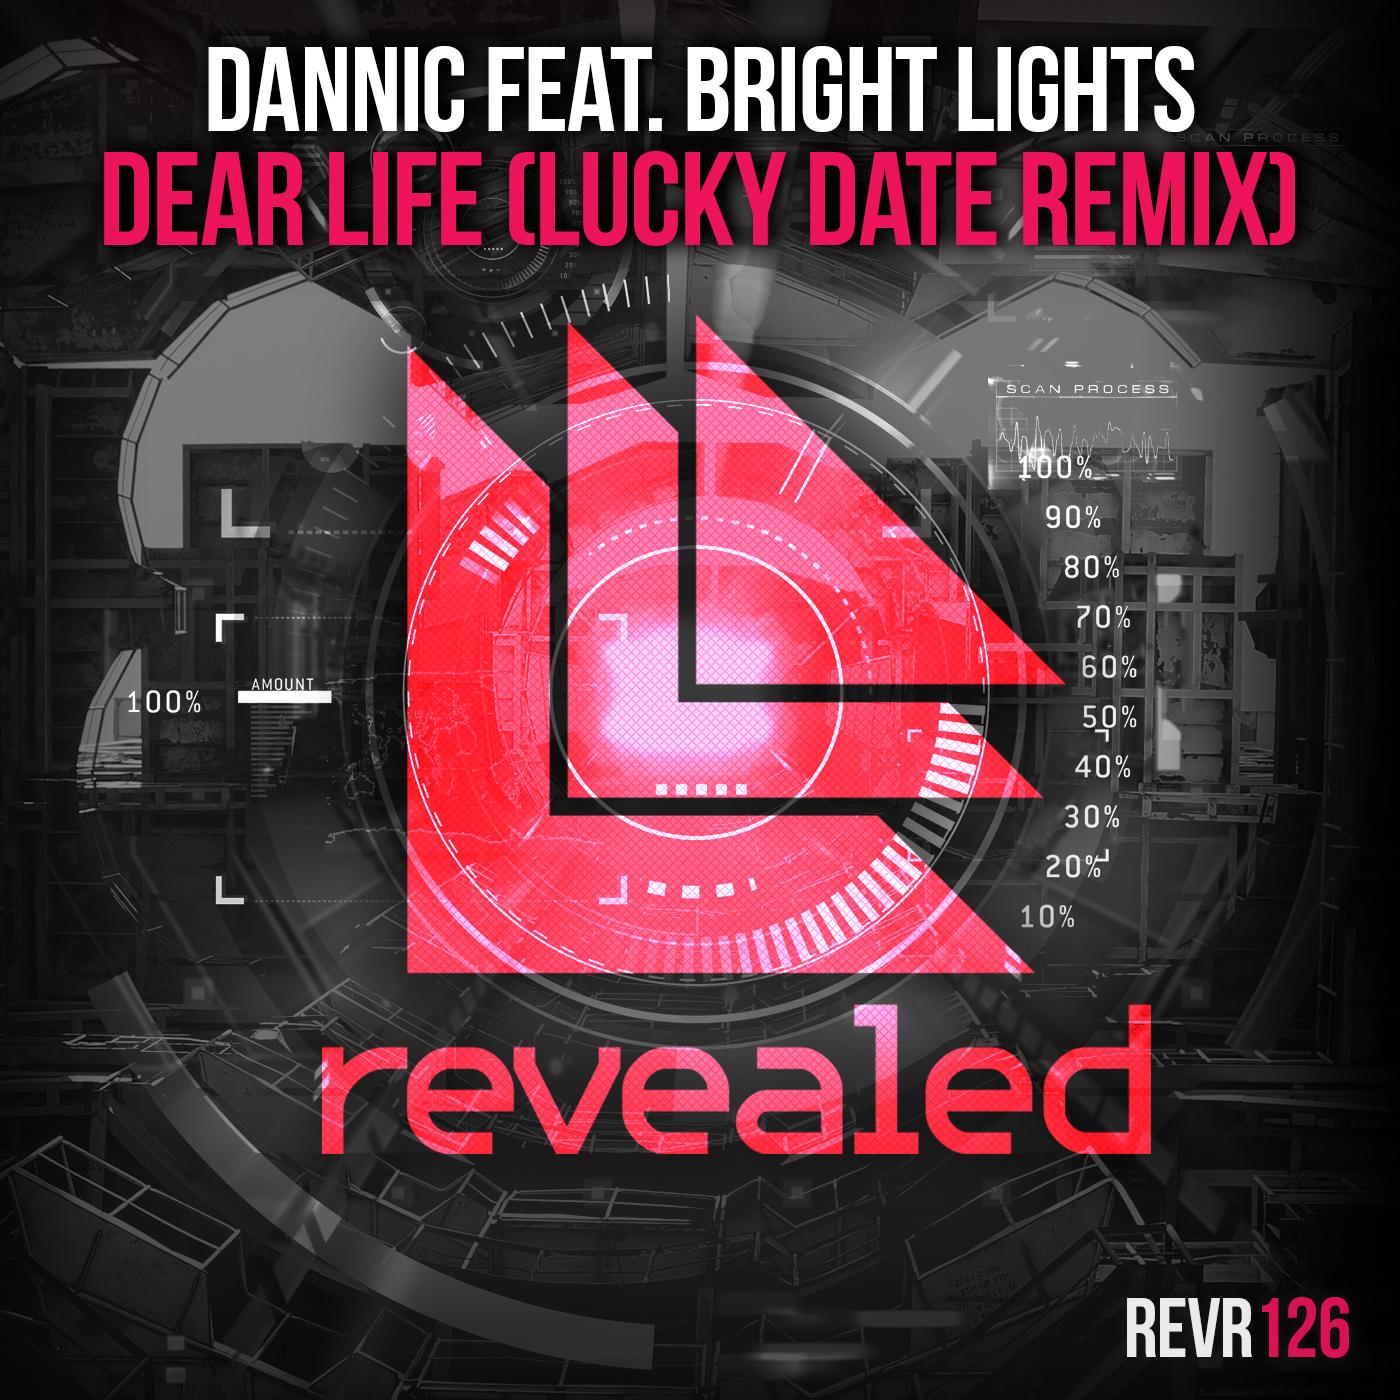 Dannic feat. Bright Lights – Dear Life (Lucky Date Remix)